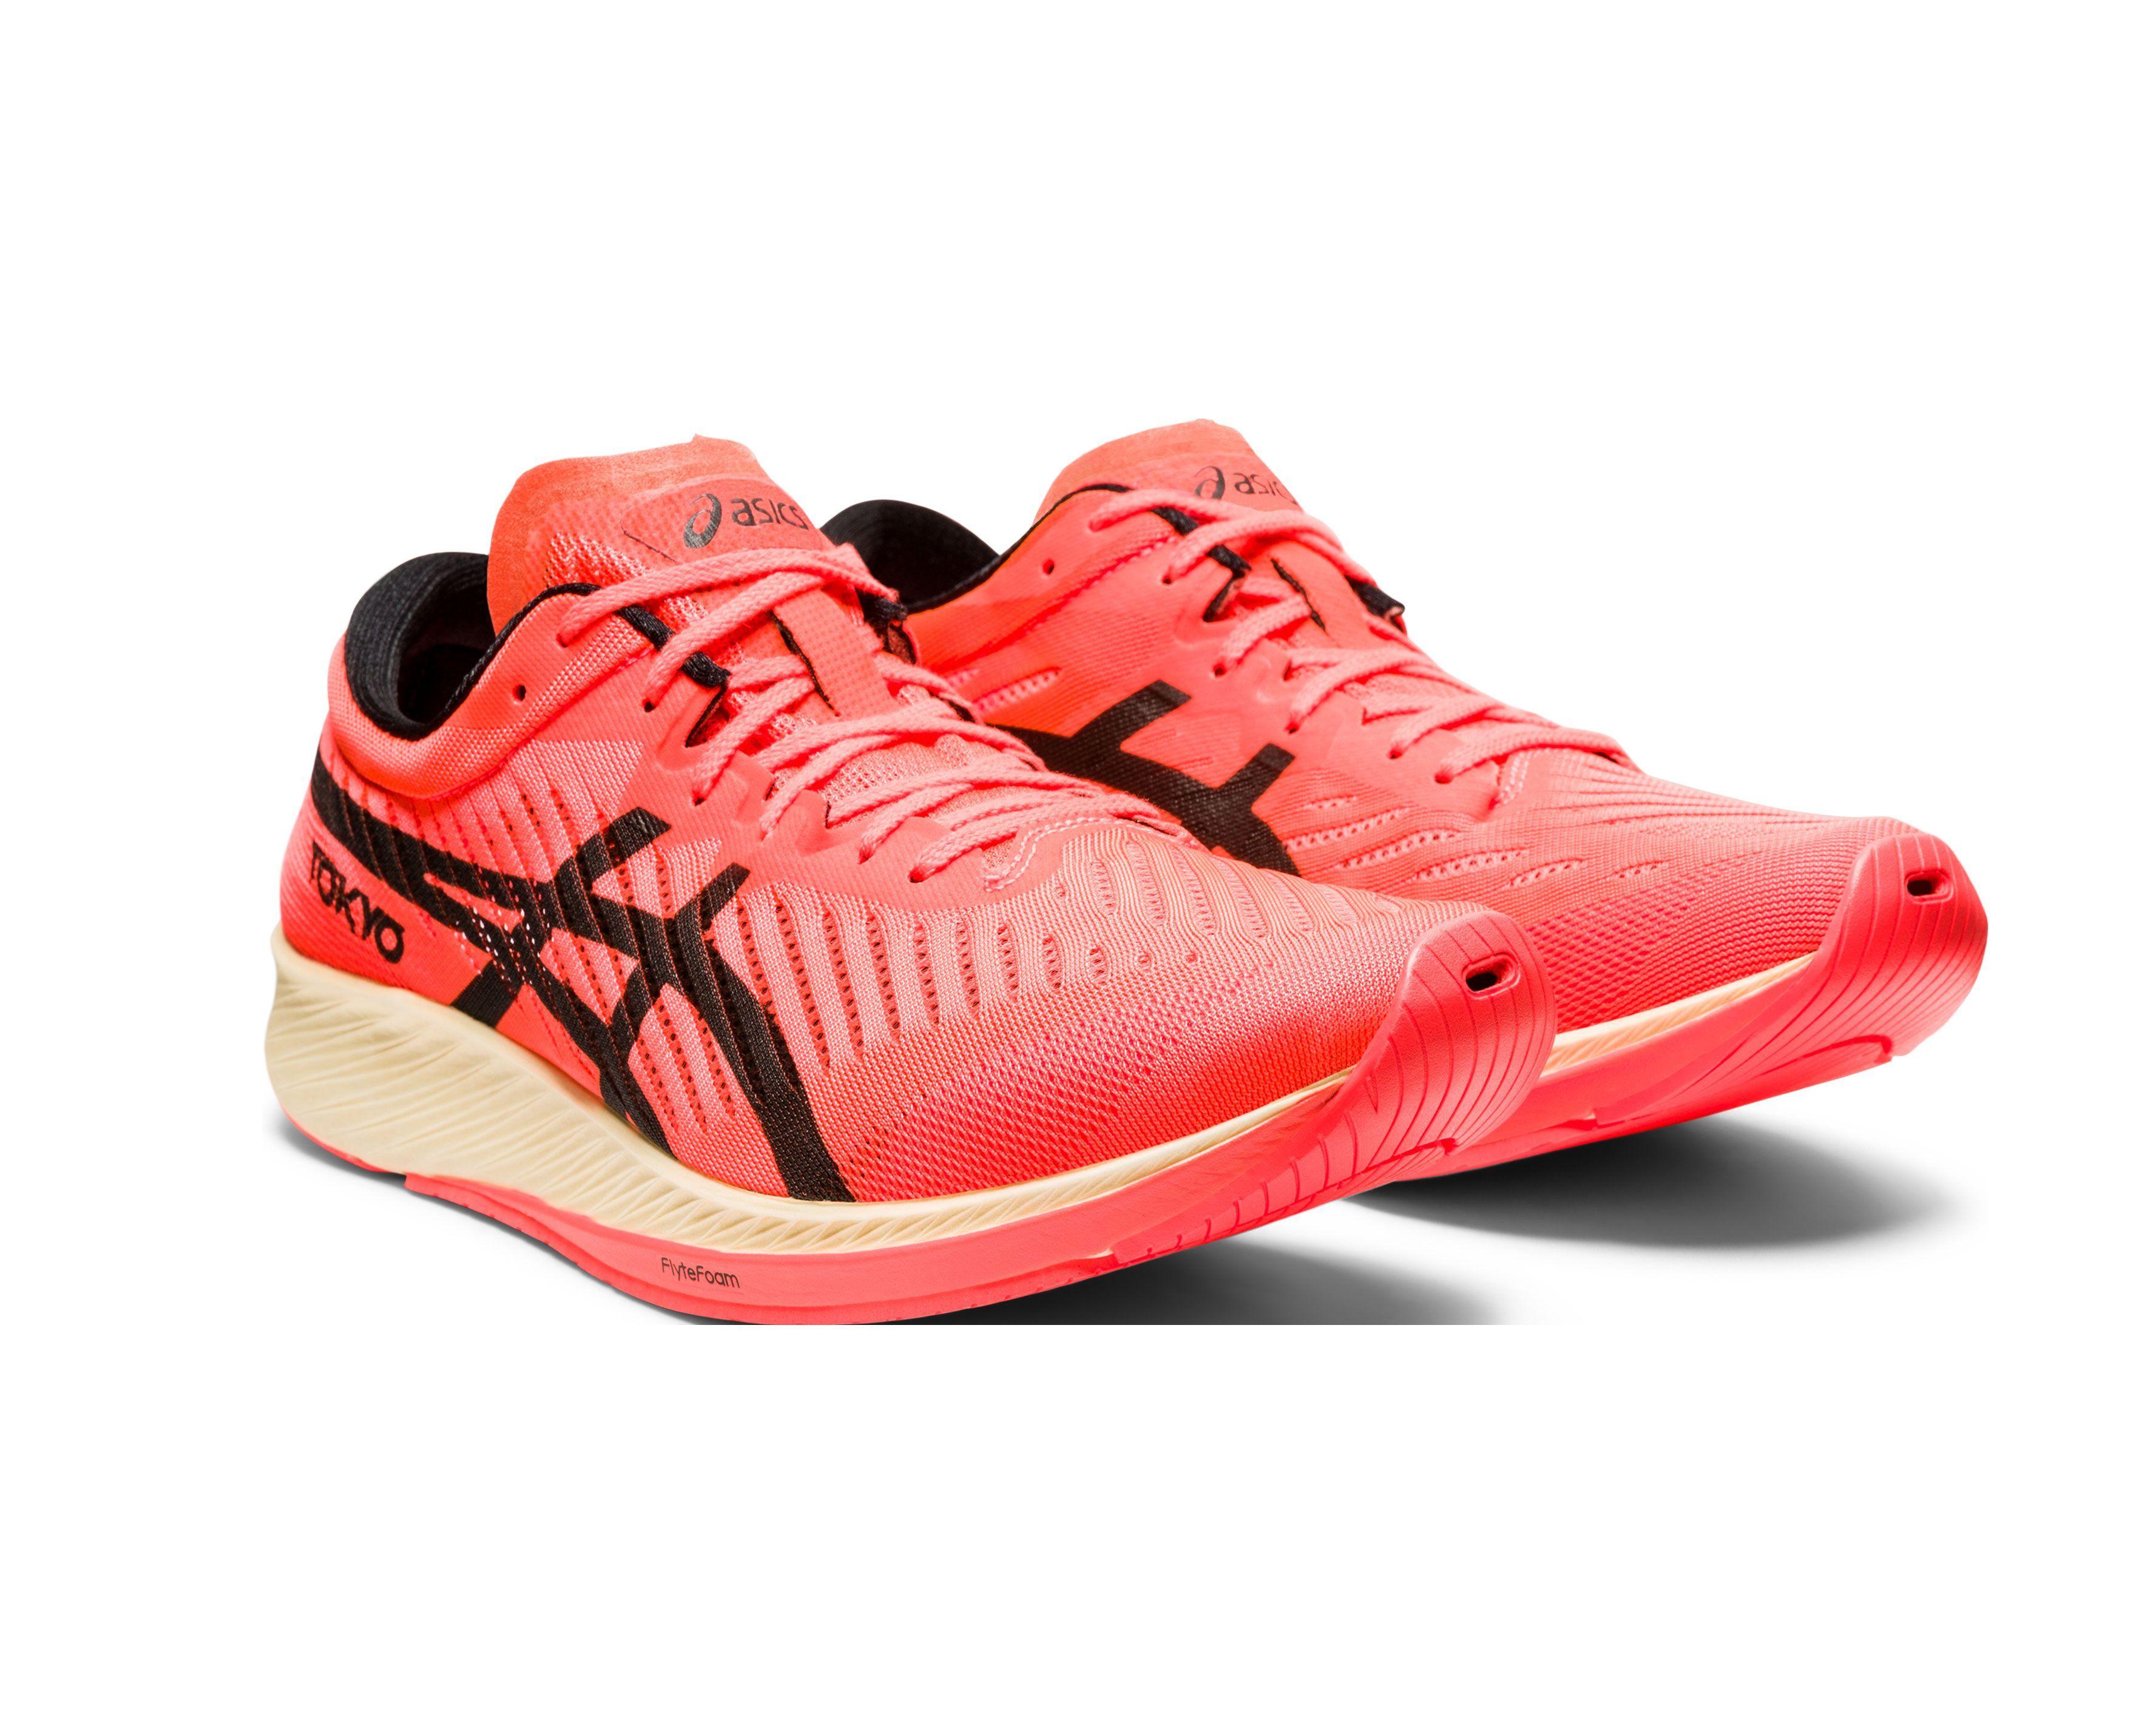 Asics Meta Racer Tokyo In 2020 Asics Running Shoes Black Running Shoes Running Shoes For Men